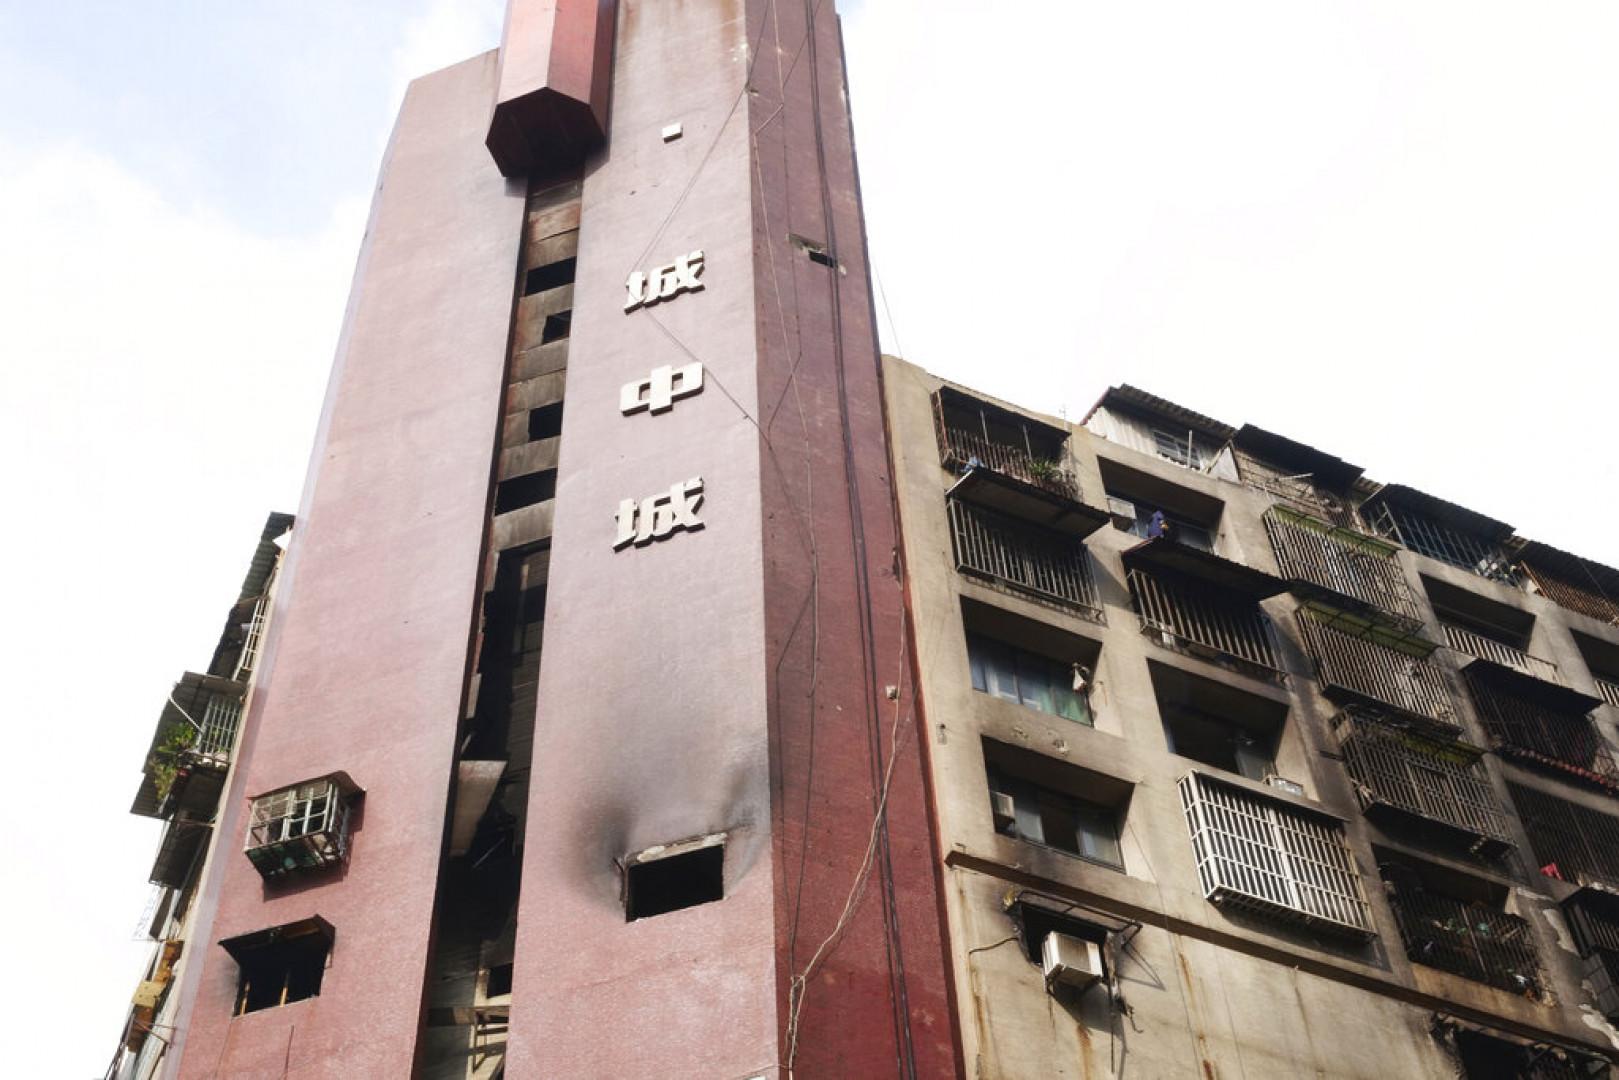 【有話好說】城中城大火釀46死:高齡大樓改建與弱勢租屋的雙重難題